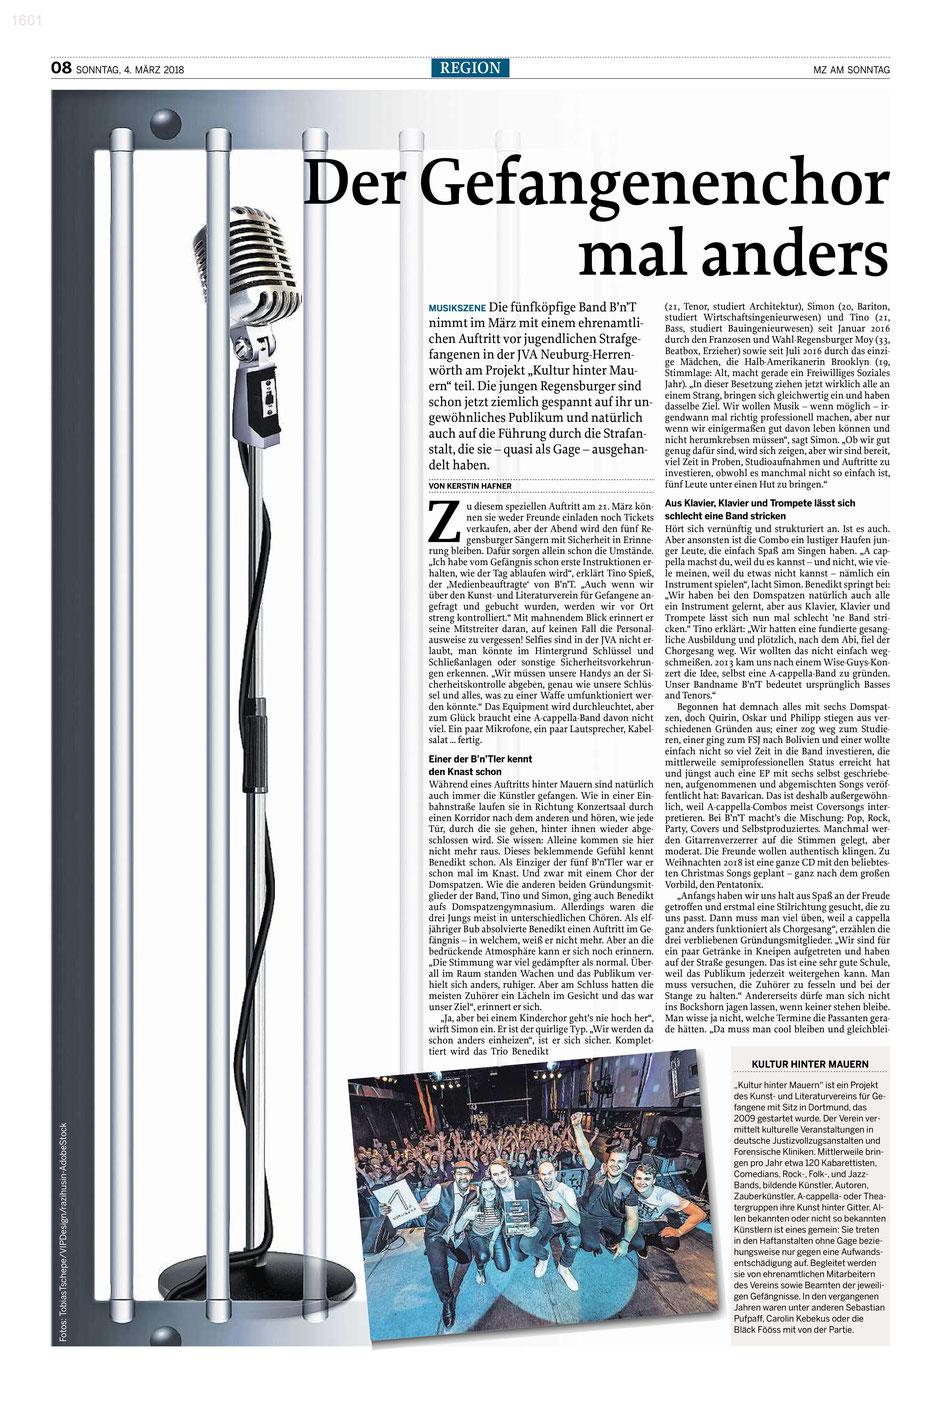 Erschienen in der Digitalen Sonntagszeitung der MZ am 04.03. 2018